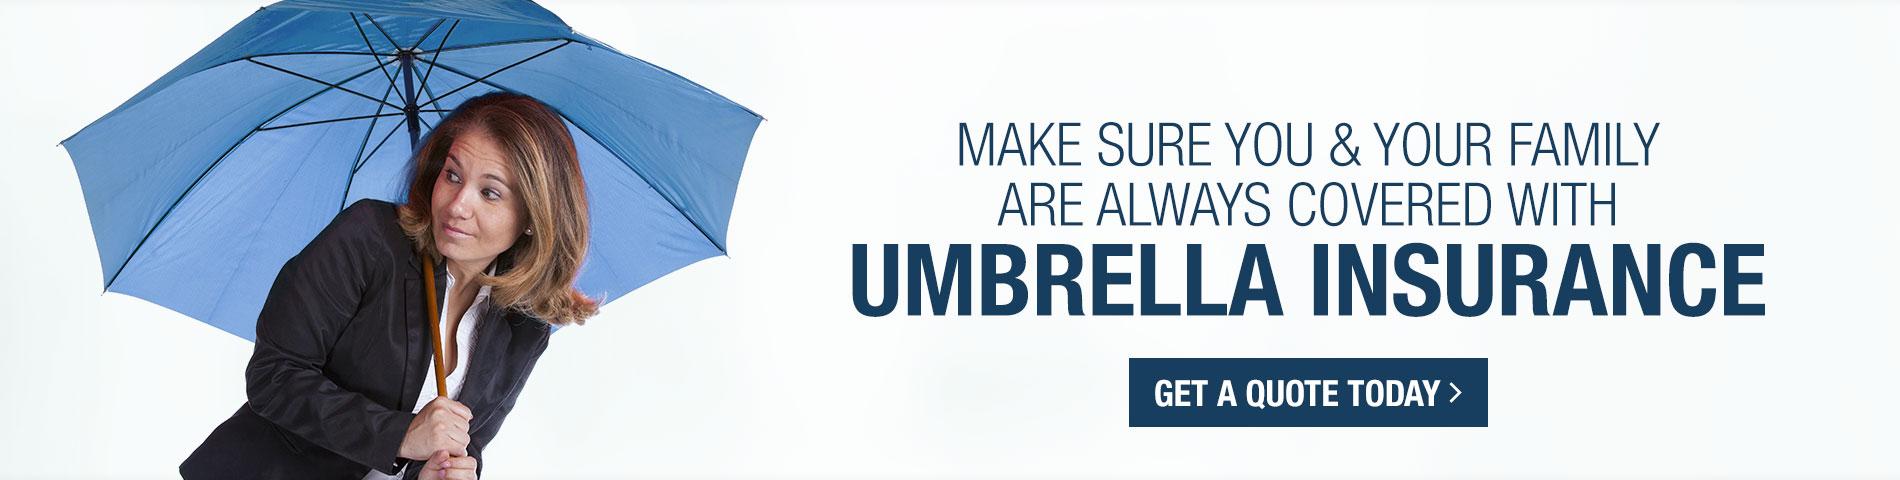 Personal Umbrella Insurance Florida